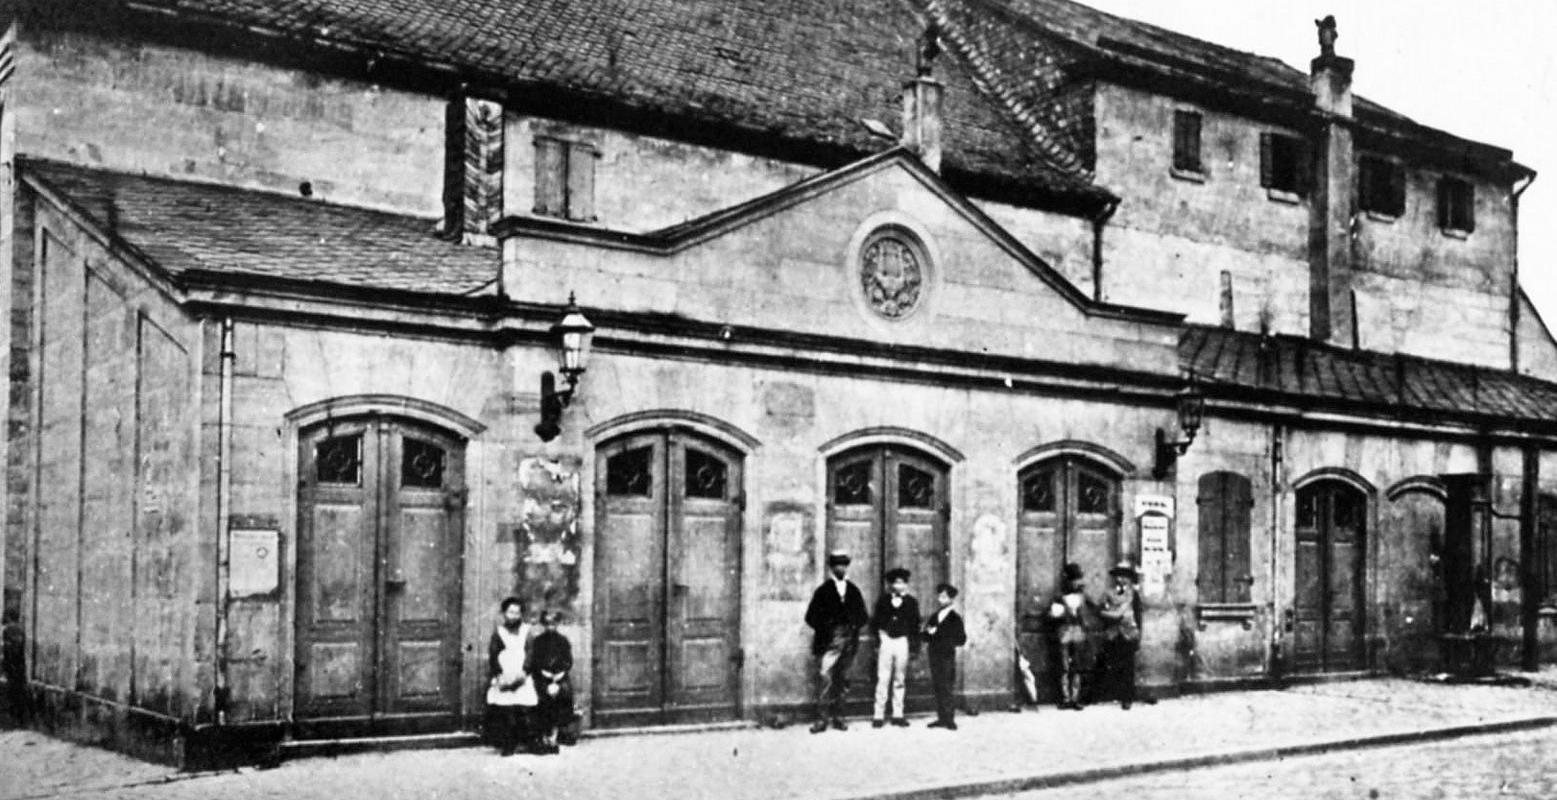 Ein markantes Beispiel für Veränderung im Stadtbild: das alte Theater an der Ecke Rosenstraße/Theaterstraße kurz vor seiner Aufgabe wegen des Neubaus in der Königstraße um das Jahr 1900.